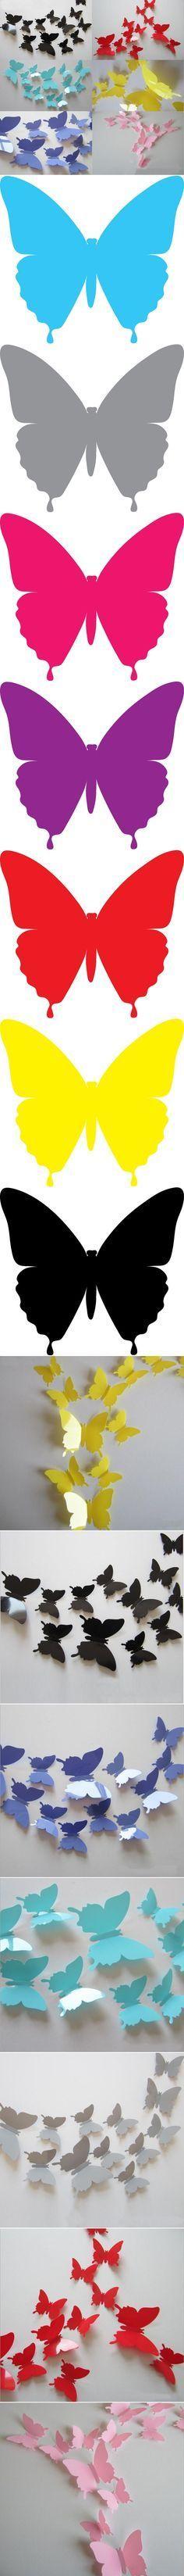 De DIY Decoración de la pared vacía con las mariposas | UsefulDIY.com